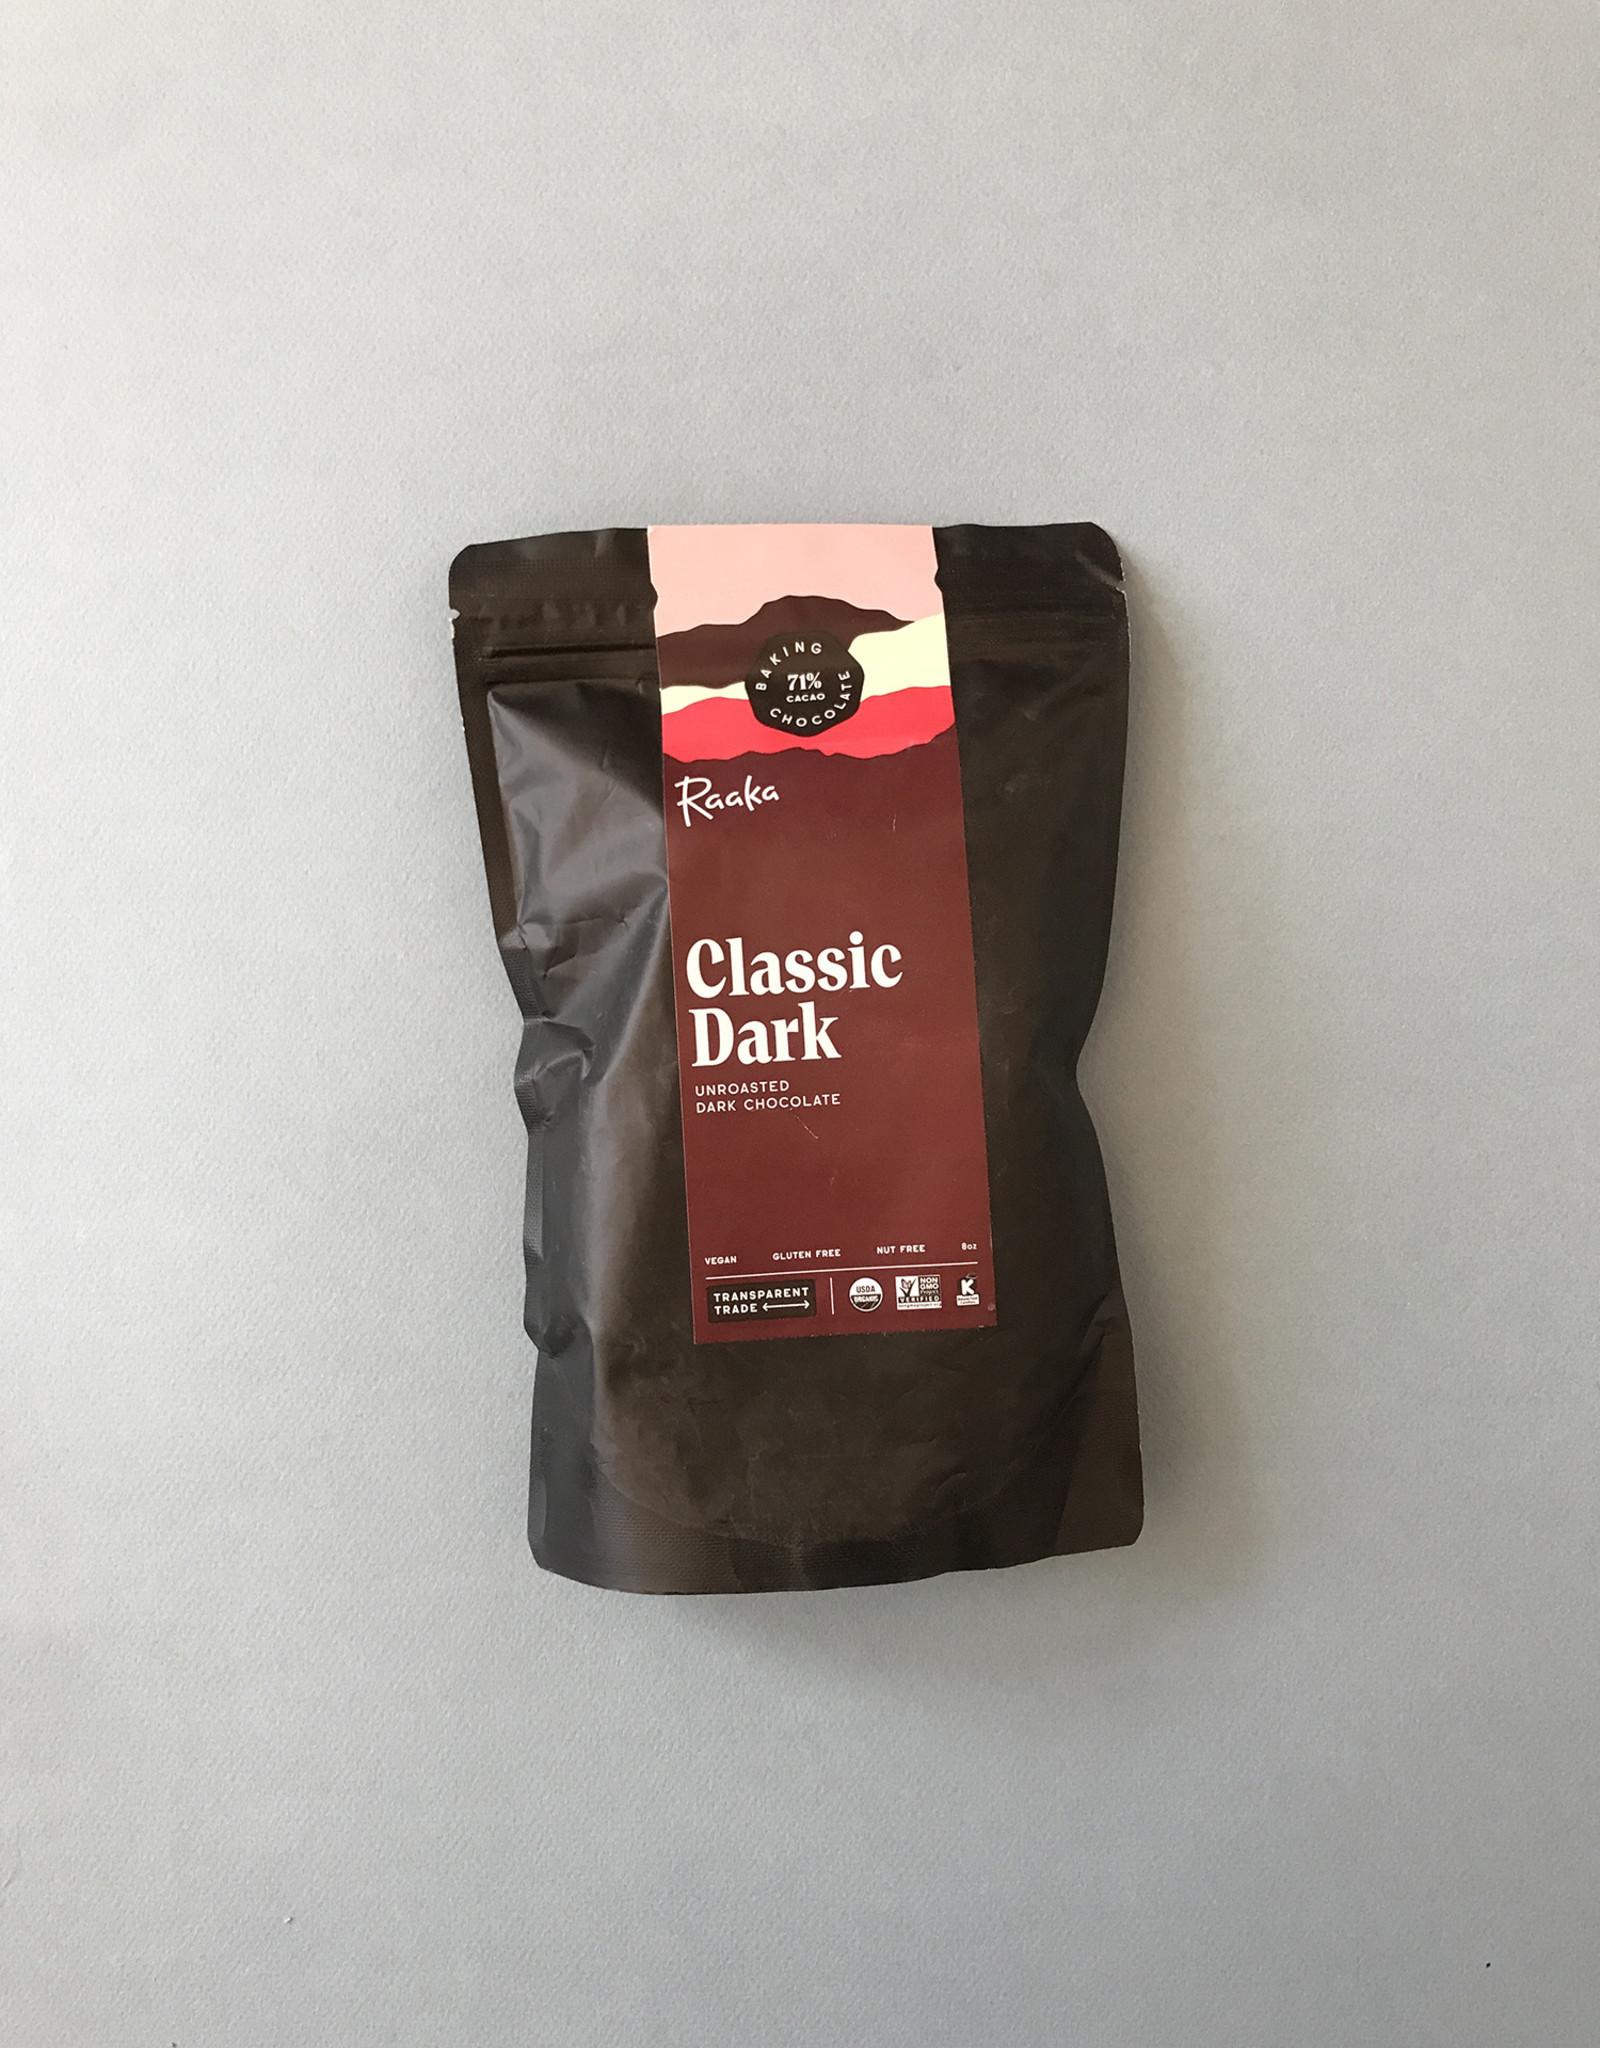 Raaka Chocolate Raaka Baking Chocolate